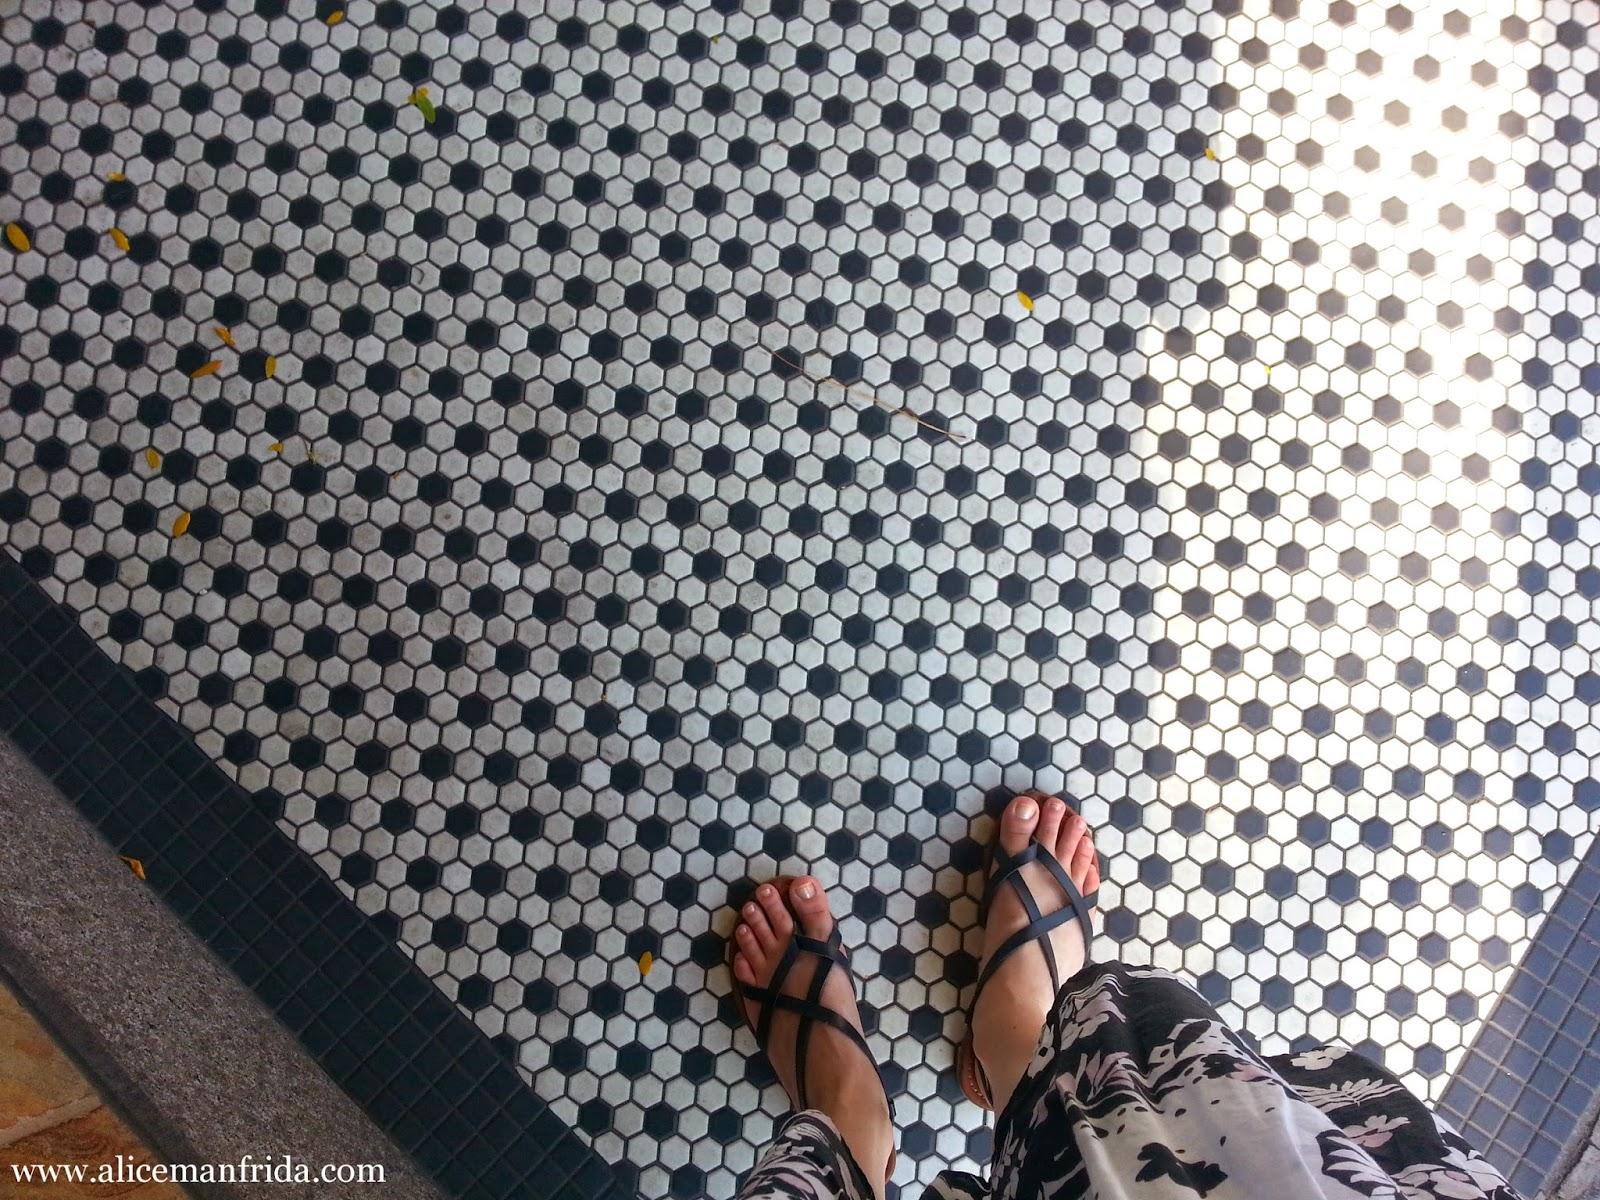 black, white, sandals, tile, leaves, city, street